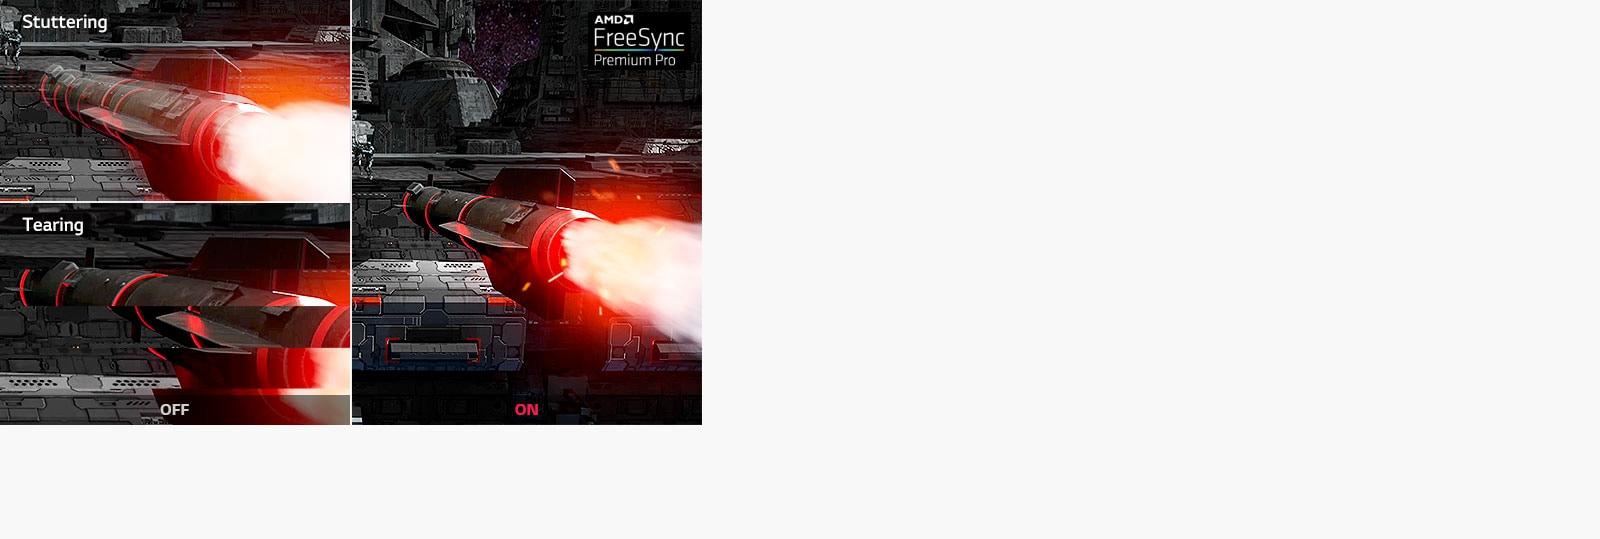 Gibalno gibanje z AMD FreeSync ™ Premium Pro v primerjavi z OFF